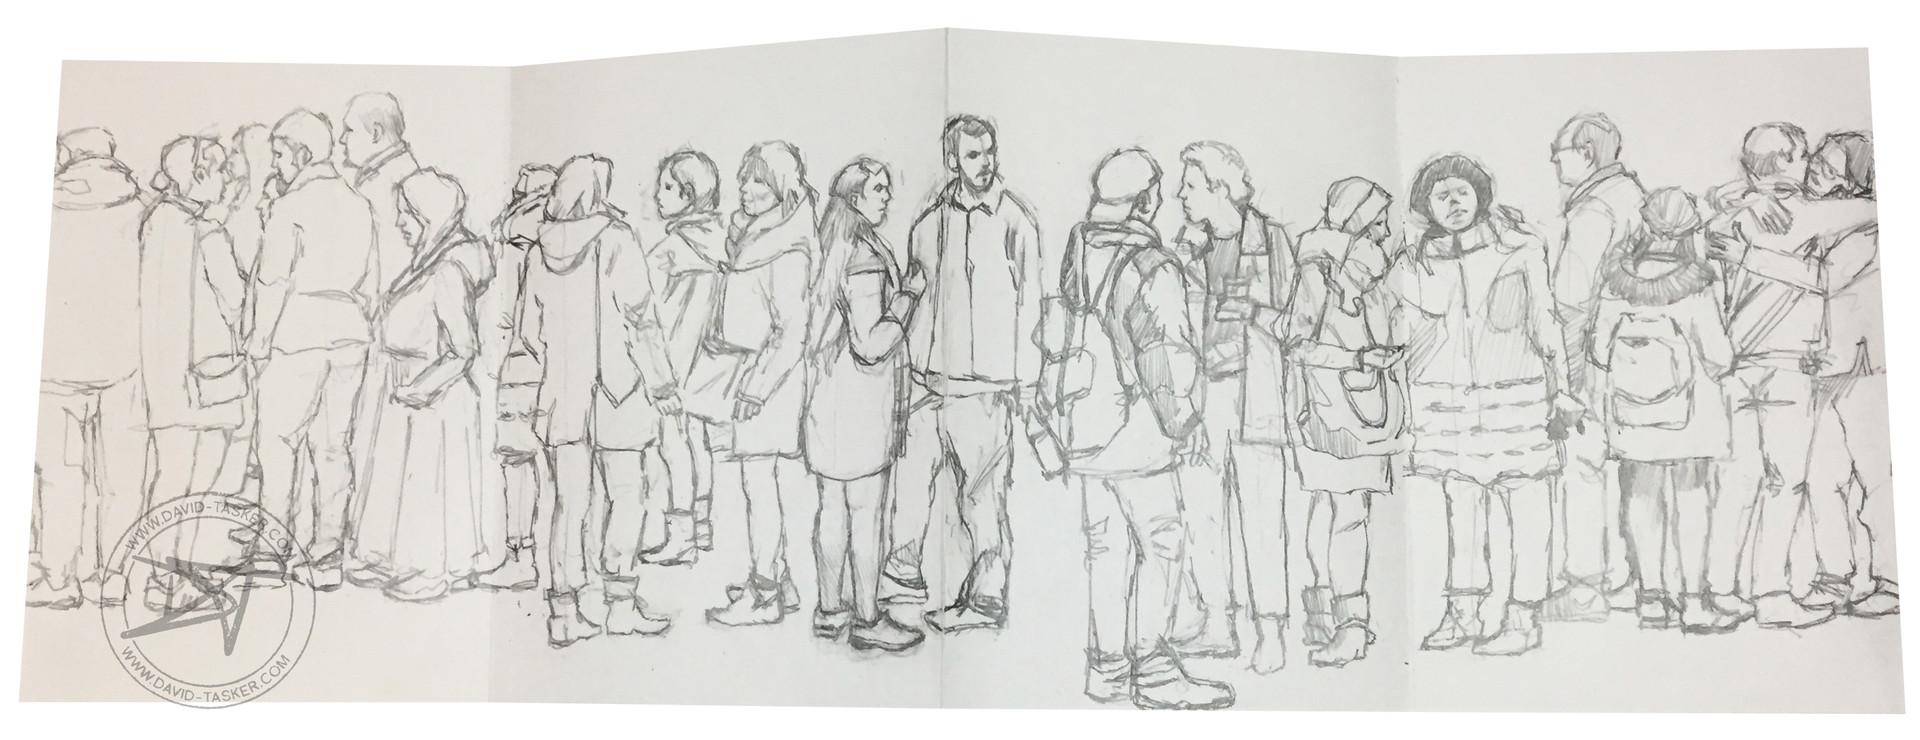 Queue drawing 7.jpg